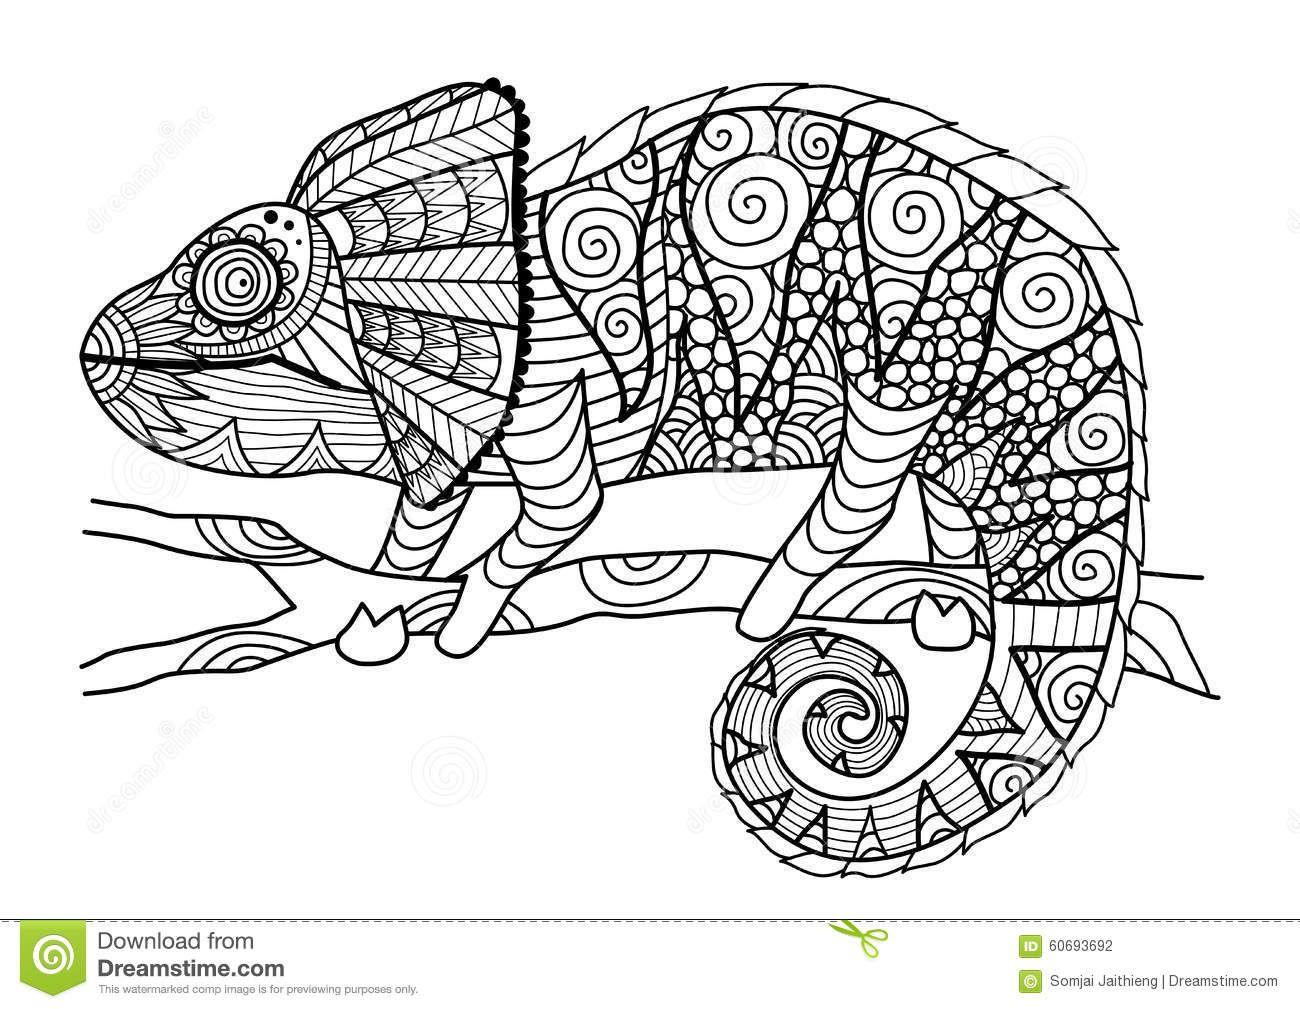 Mandalas Para Colorear Con Animales Y Zentangles: Creandi: Mandalas Para Imprimir Y Pintar